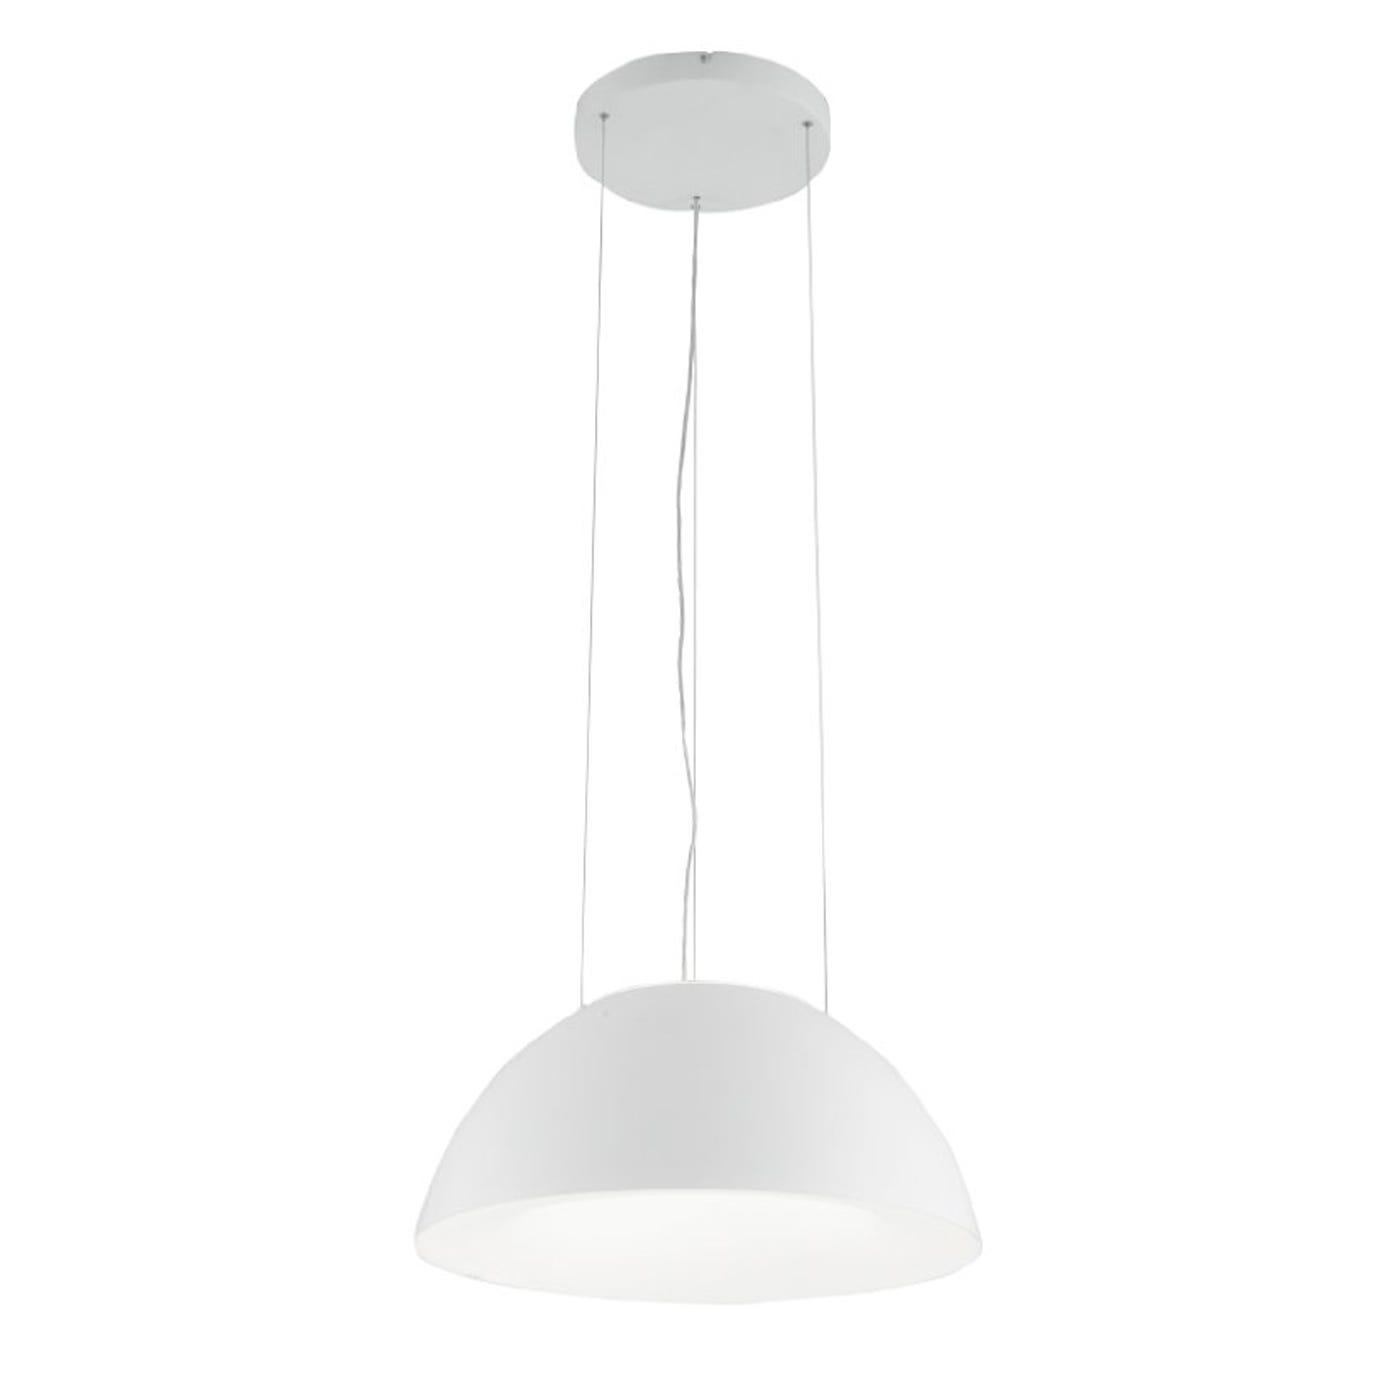 Loa Pendant Light White